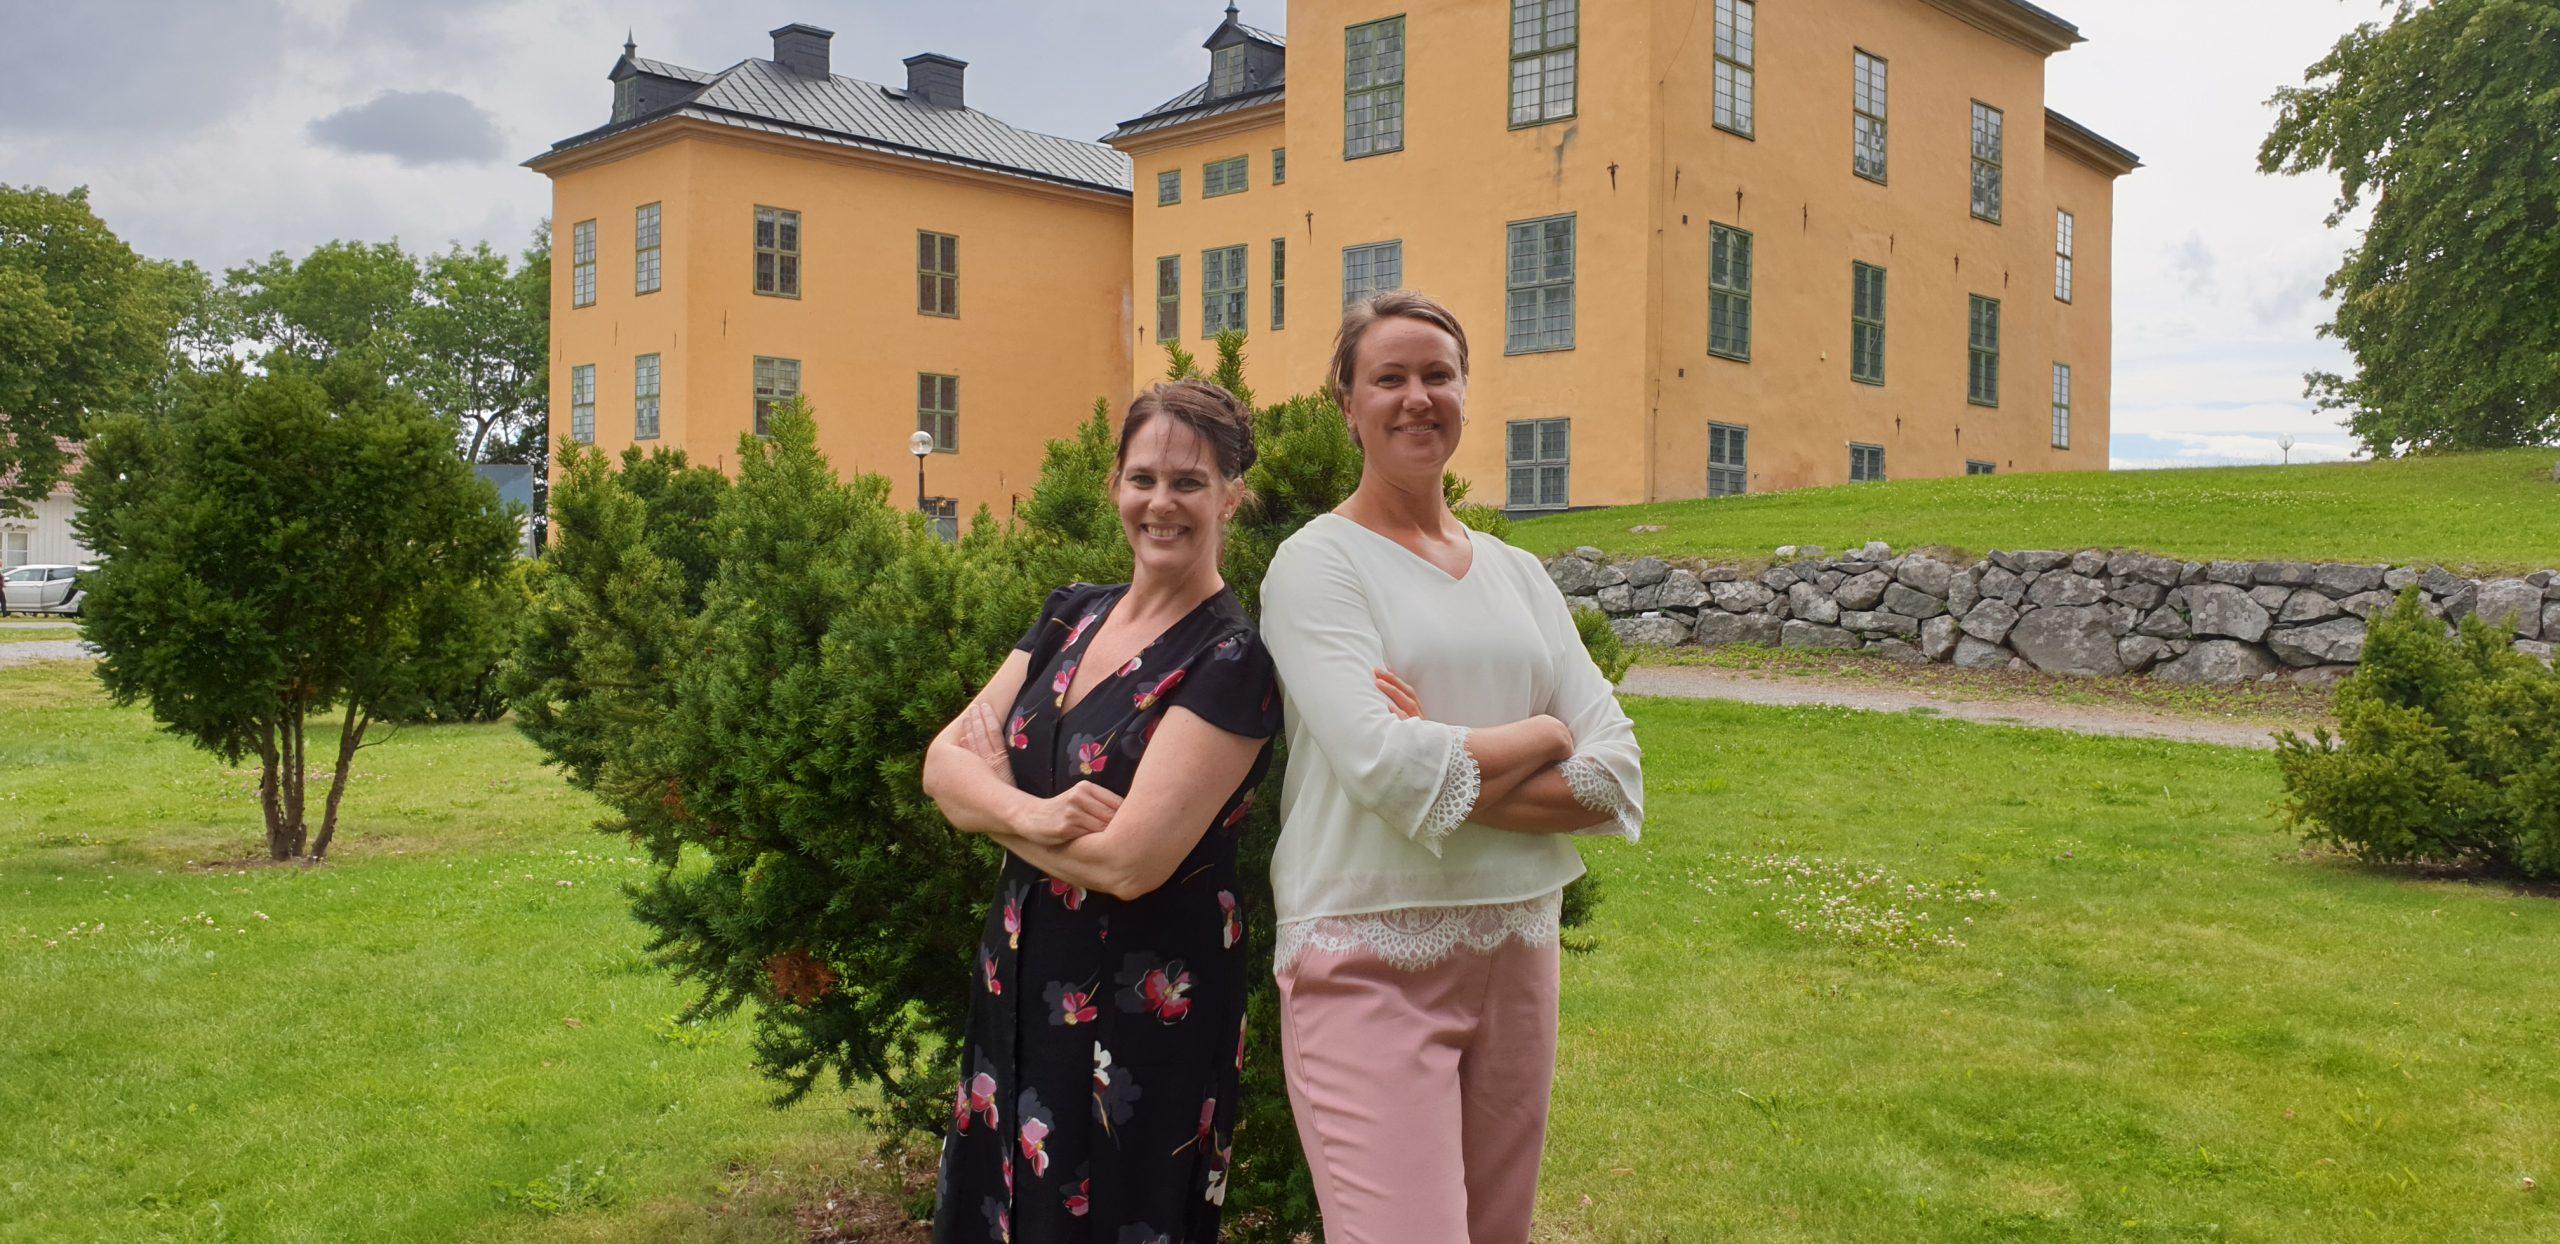 Canilla och Kristina på Wenngarns Slott